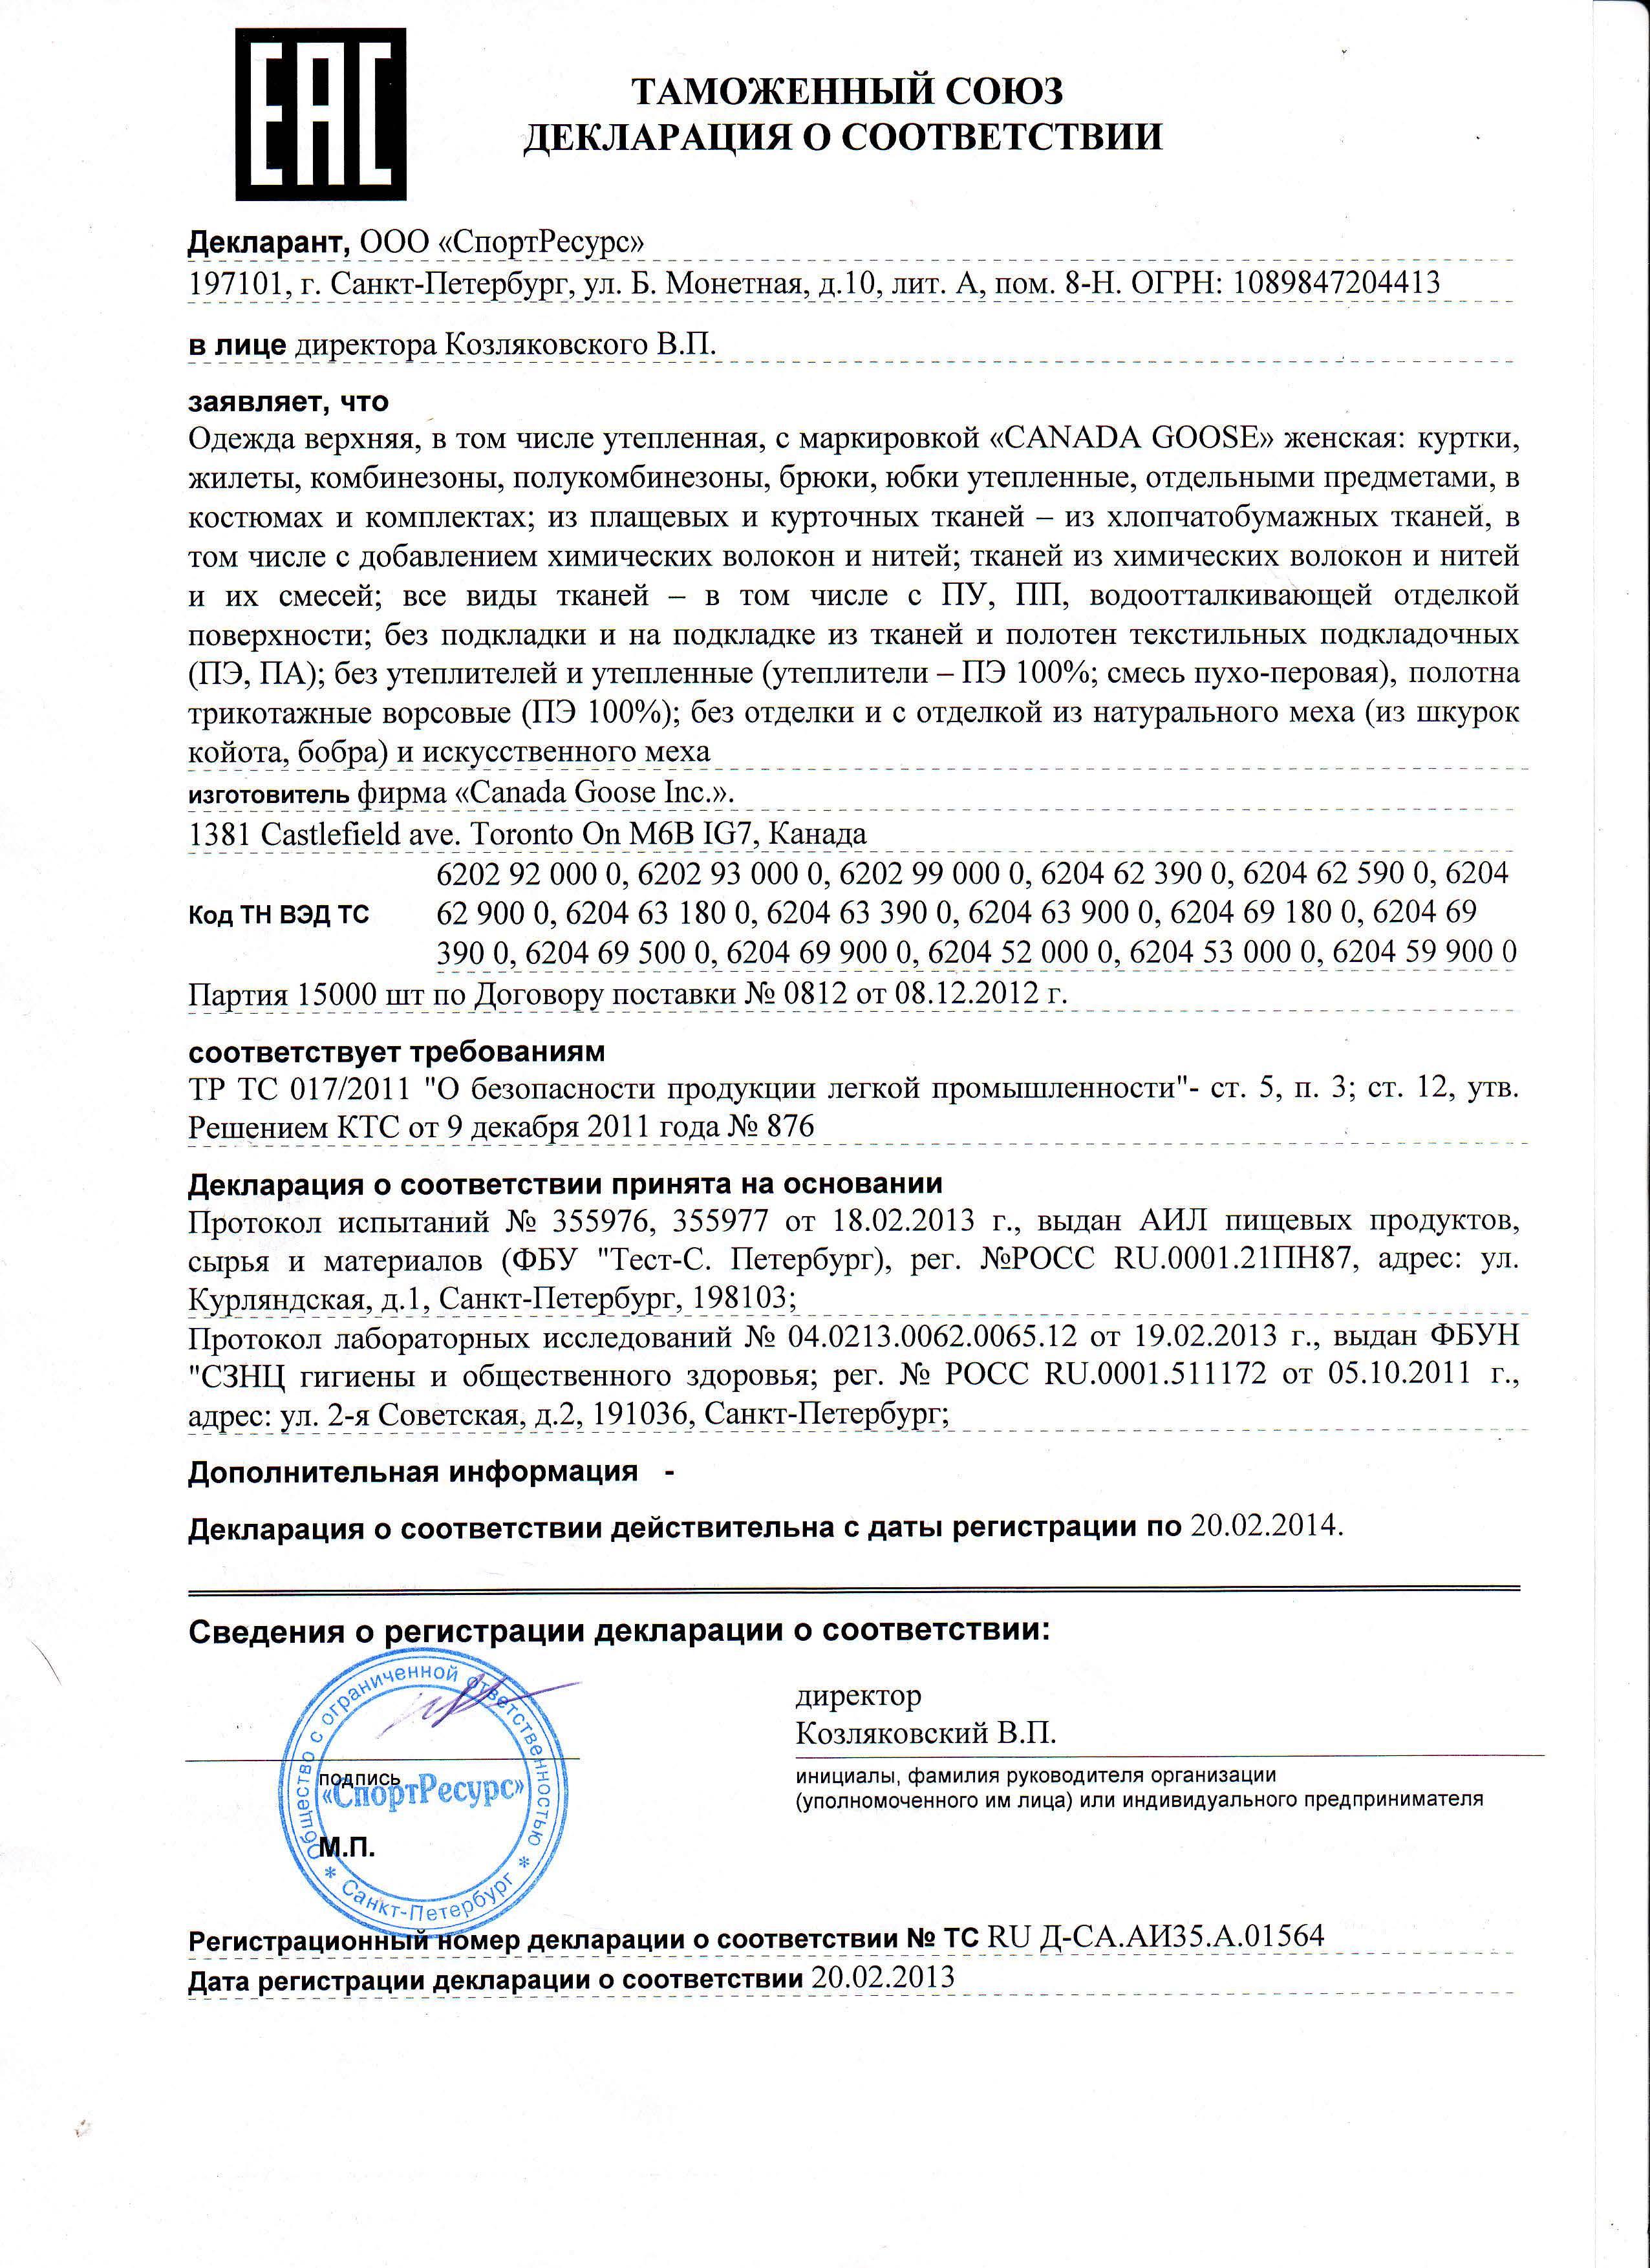 Декларация о соответствии ТС (1.1)